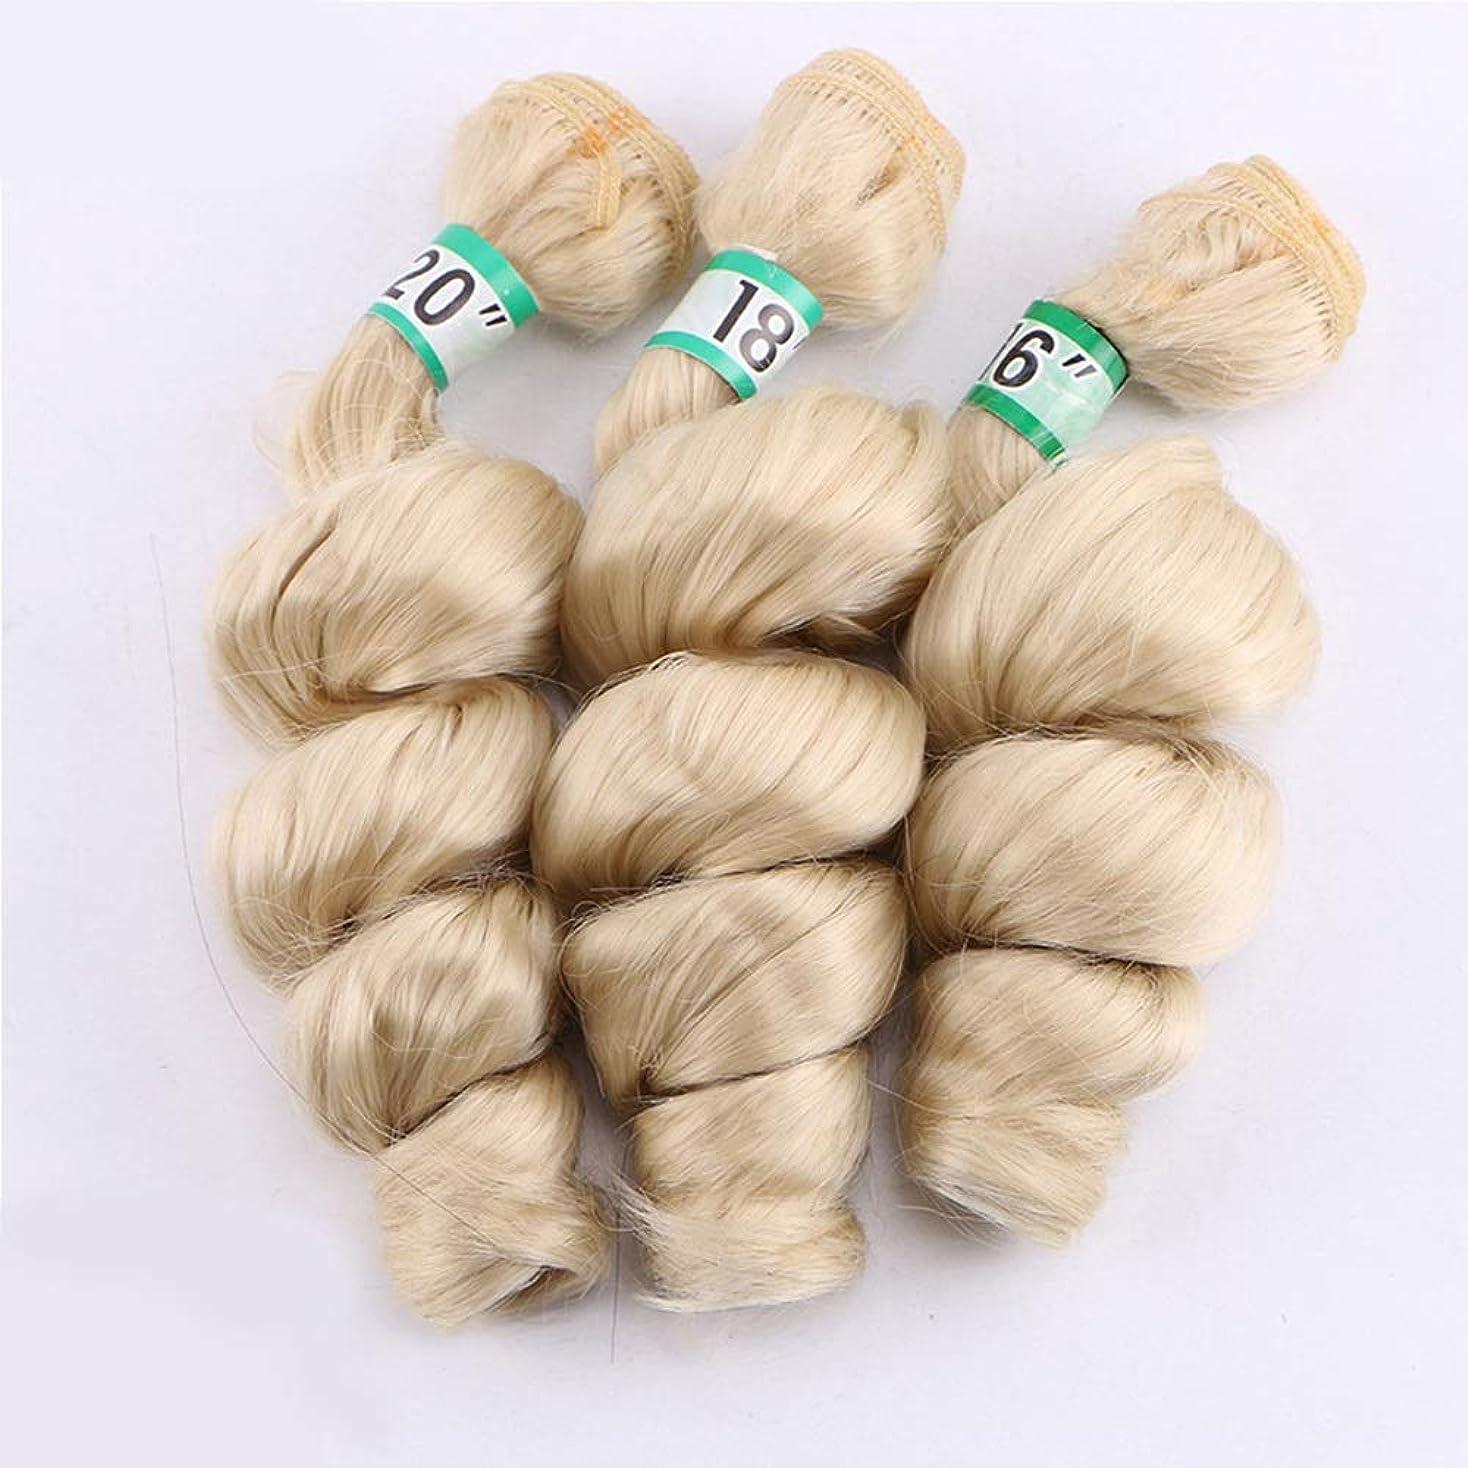 知り合い曲がったレコーダーYrattary ルースウェーブヘアスタイリング3バンドルブラジルの髪の拡張子 - 613#金髪(16